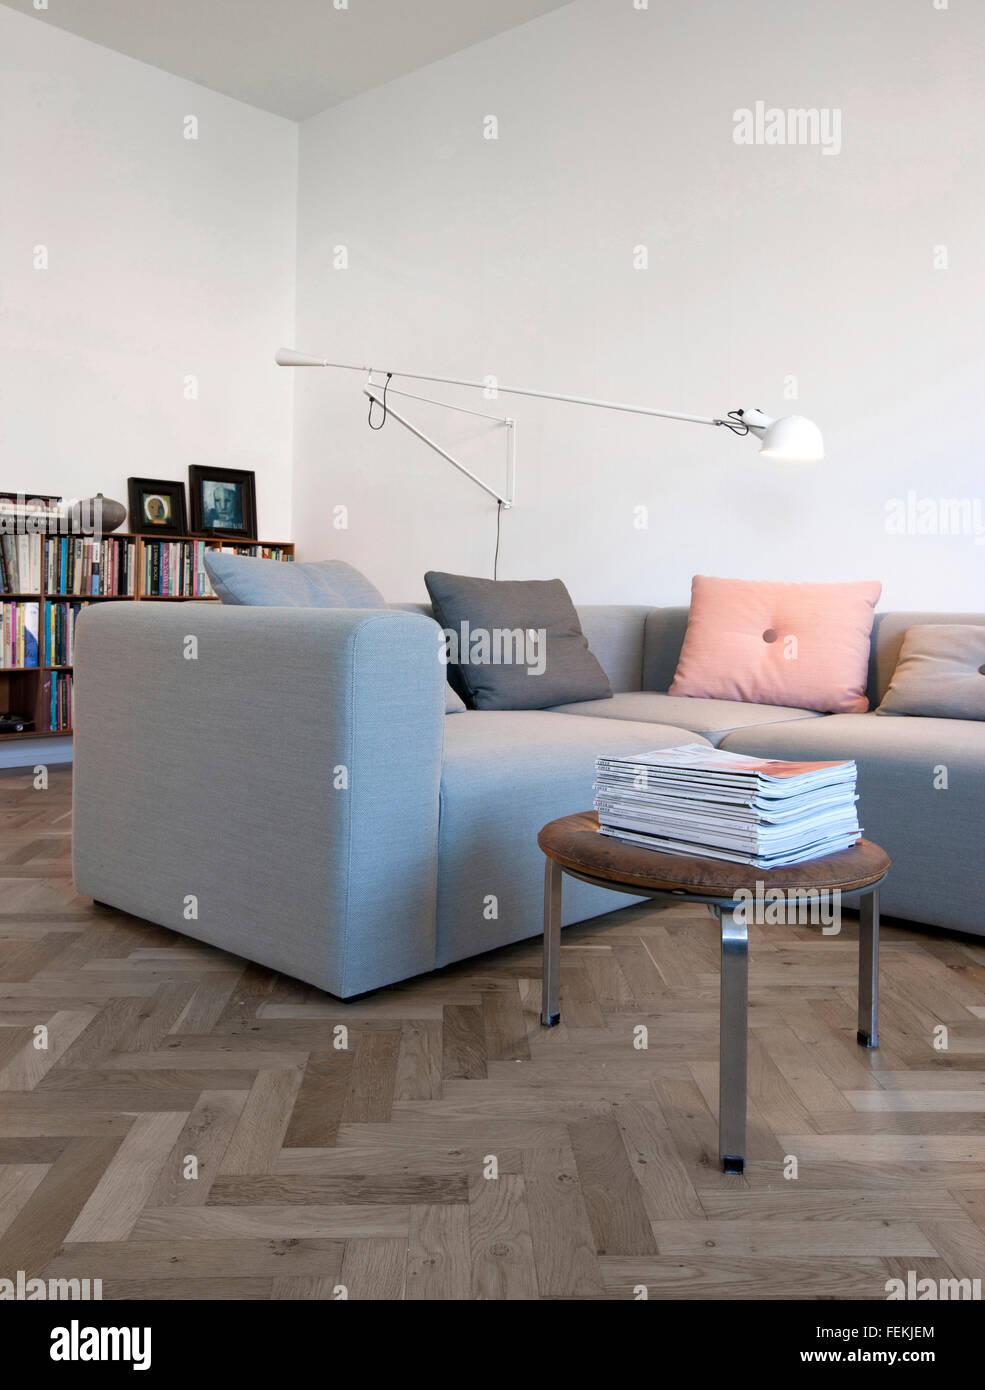 """Il Modernismo nella torta """"casa"""". Arredamento moderno, posto blu e la tabella. Un angolo poise lampada. Immagini Stock"""